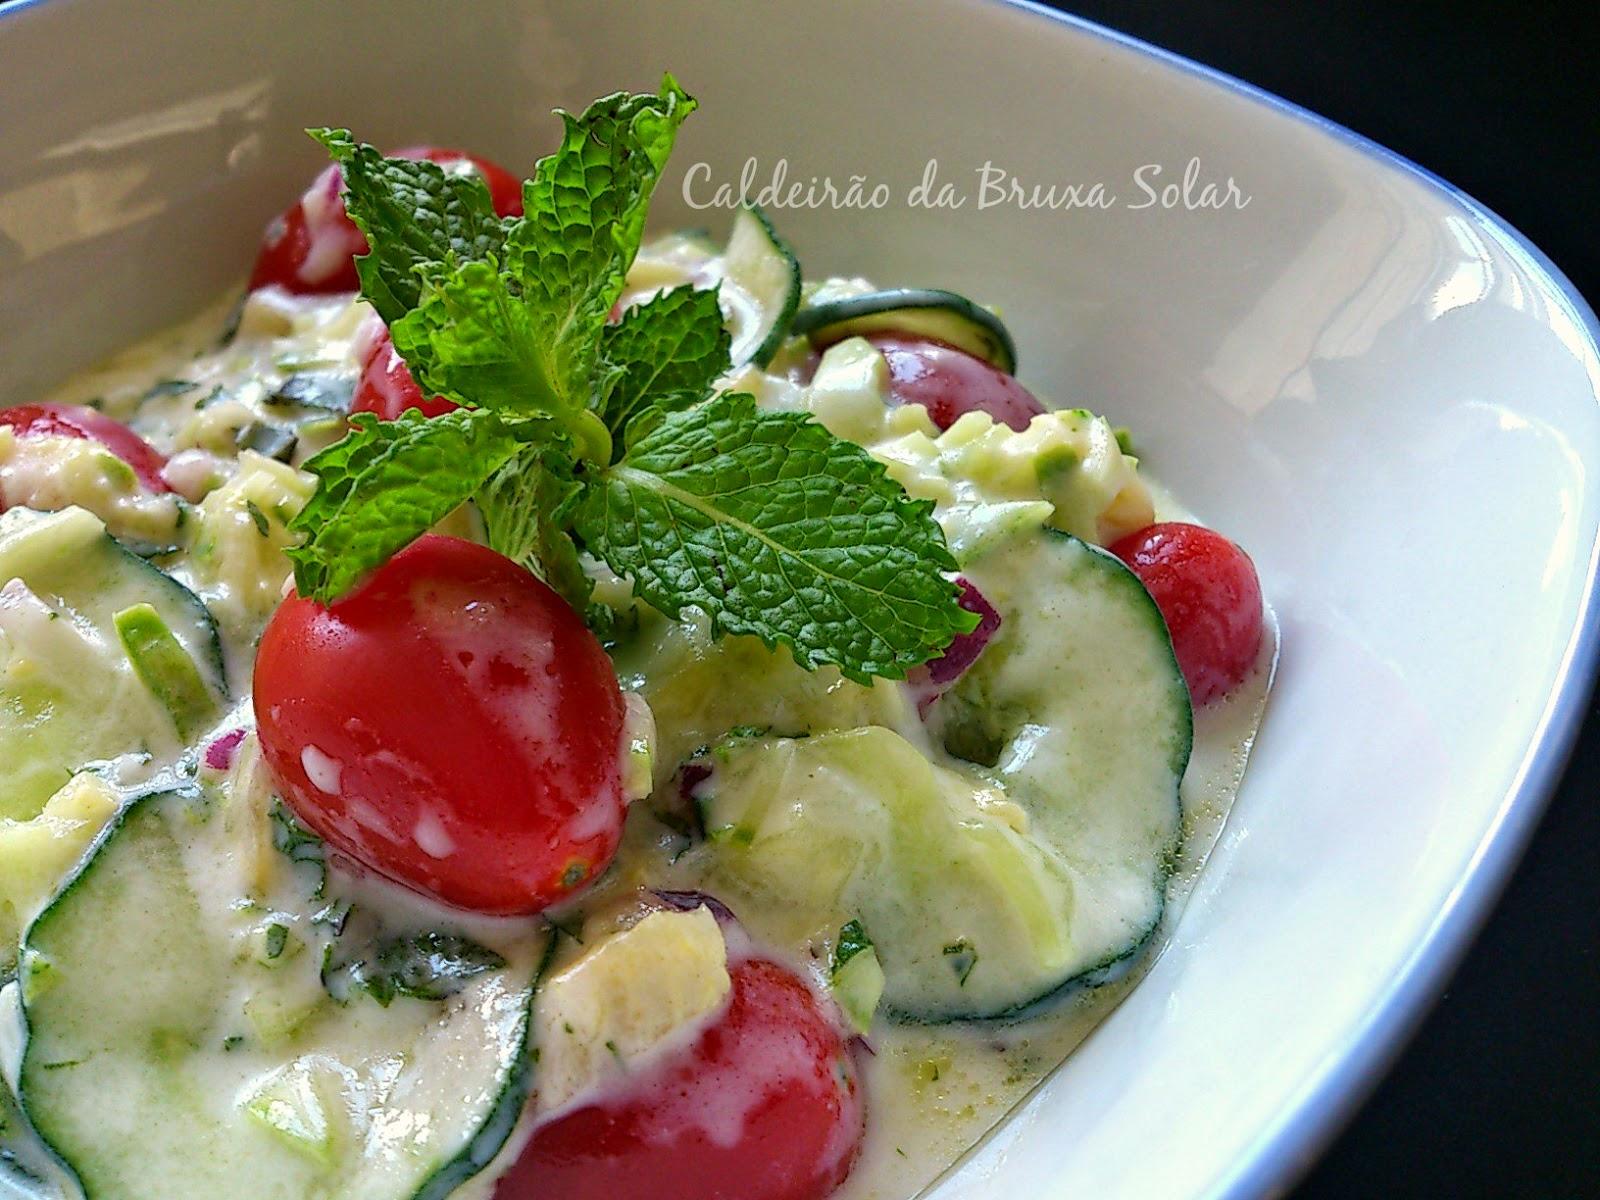 Salada de pepino, abobrinha, tomate uva, iogurte e hortelã